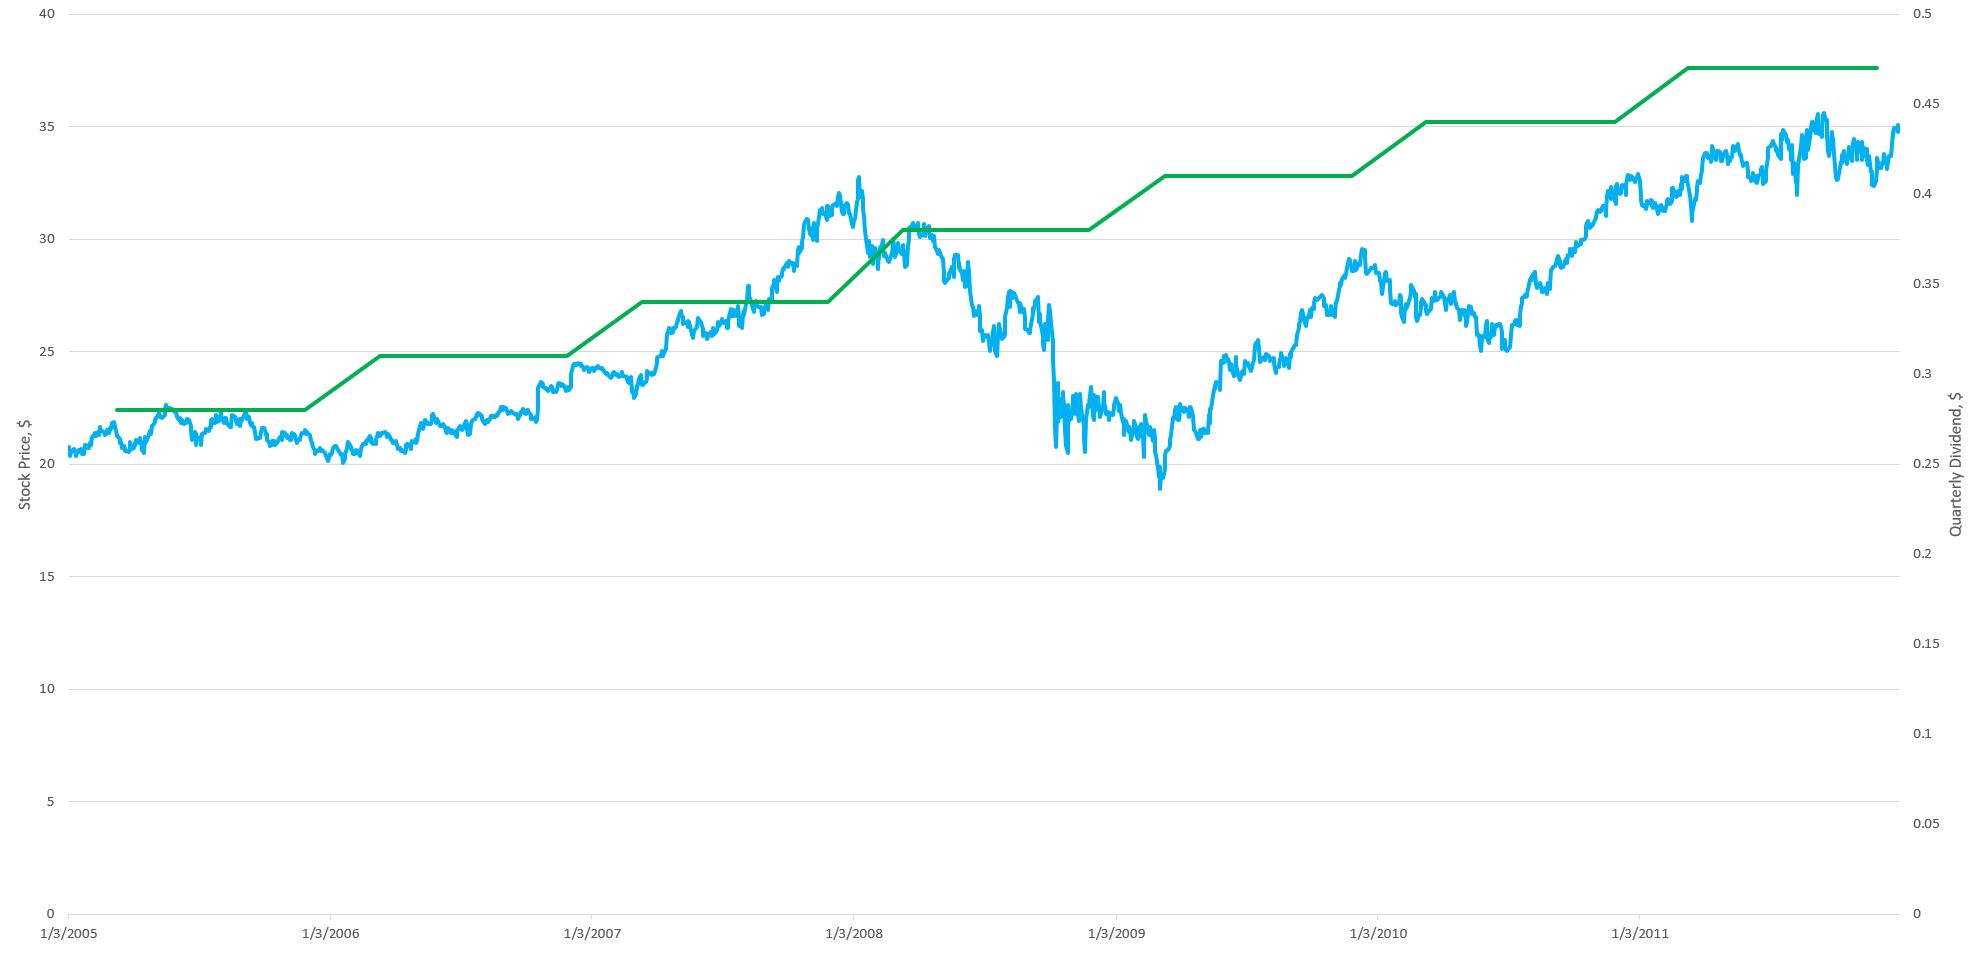 Dividend vs Stock Price for Coca Cola company